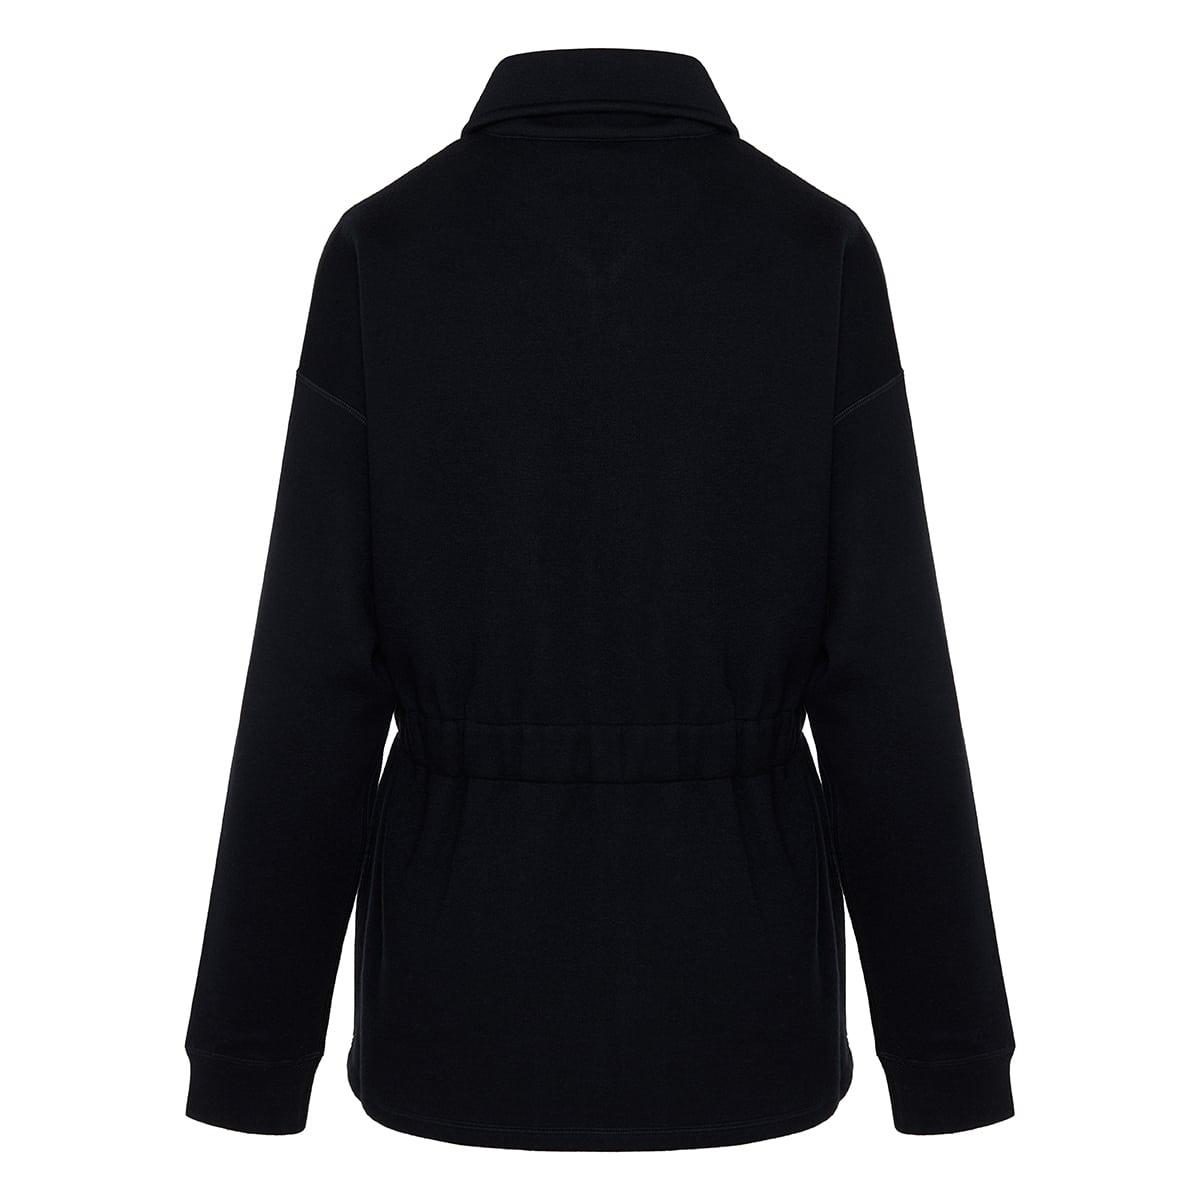 Capox cashmere jacket